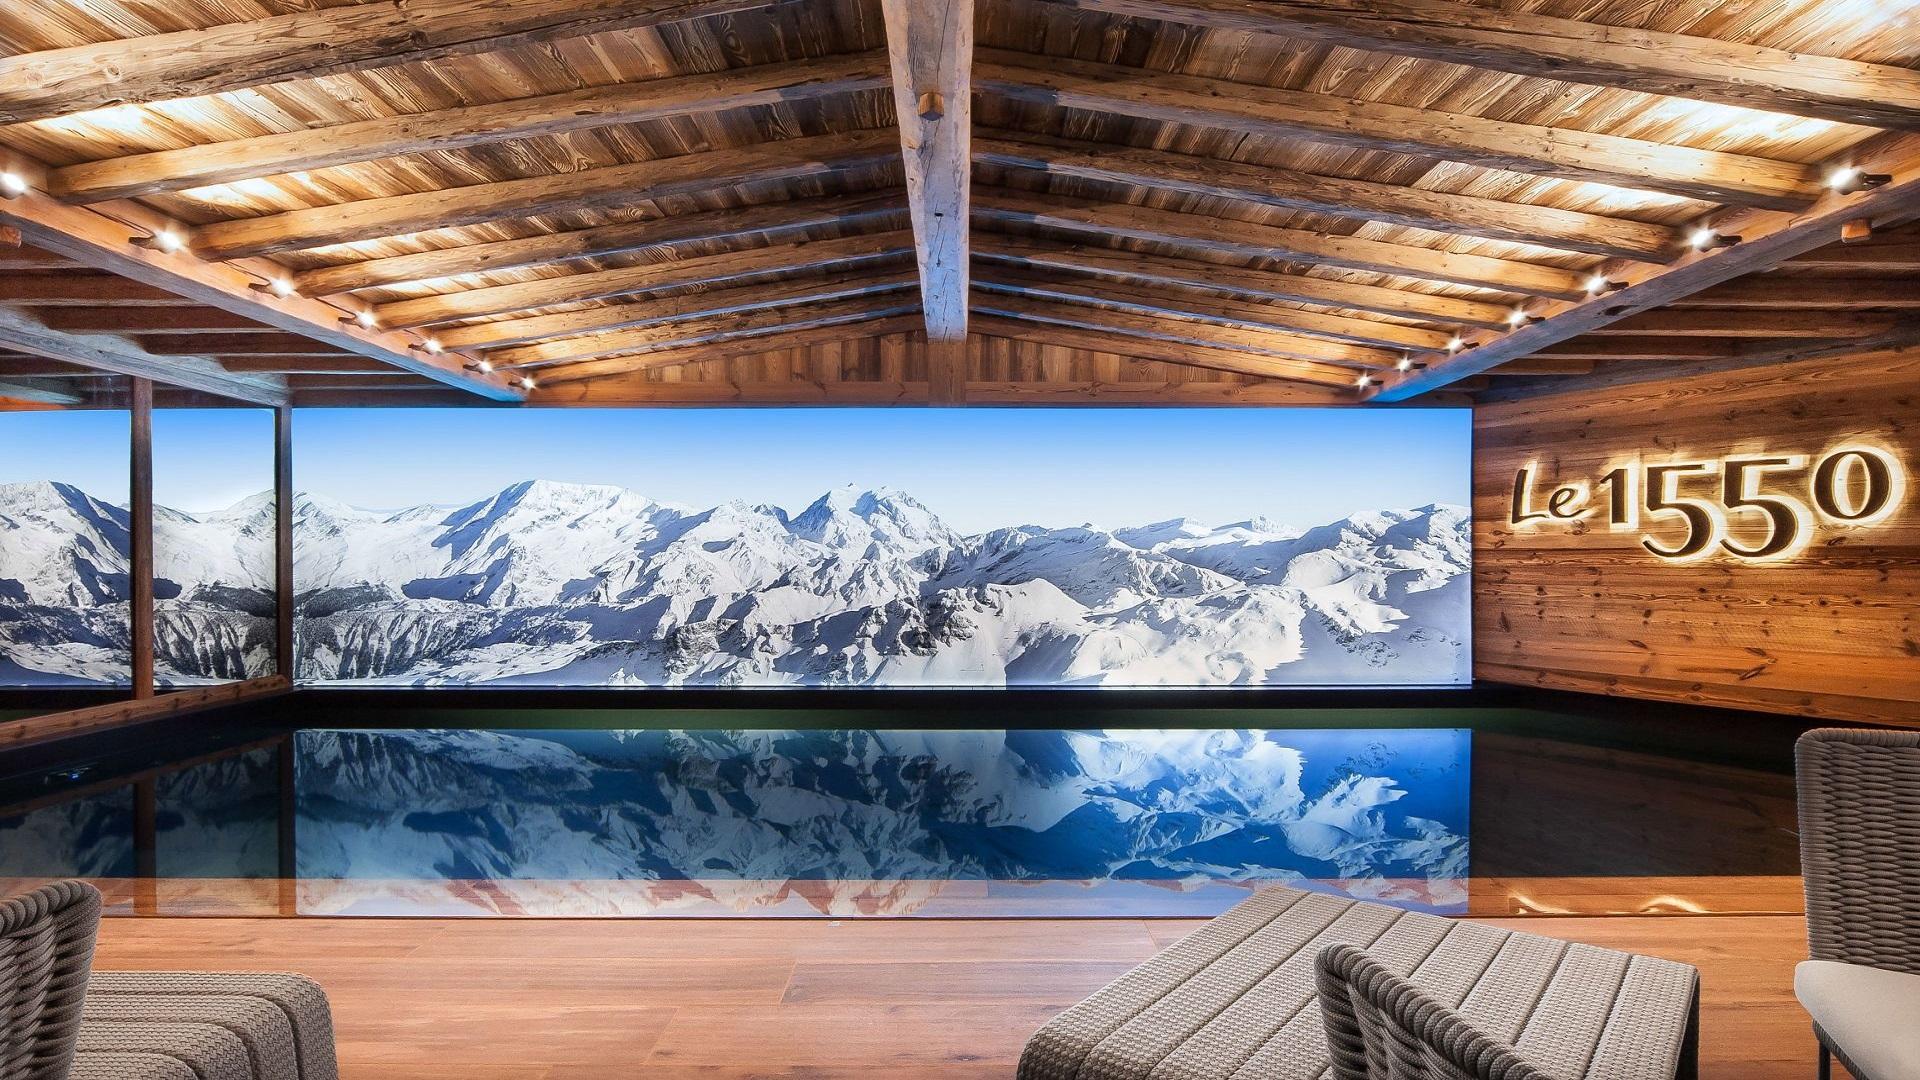 le-1550-courchevel-by-iconic-house-neige-montagne-ski-seminaires-de-caractere